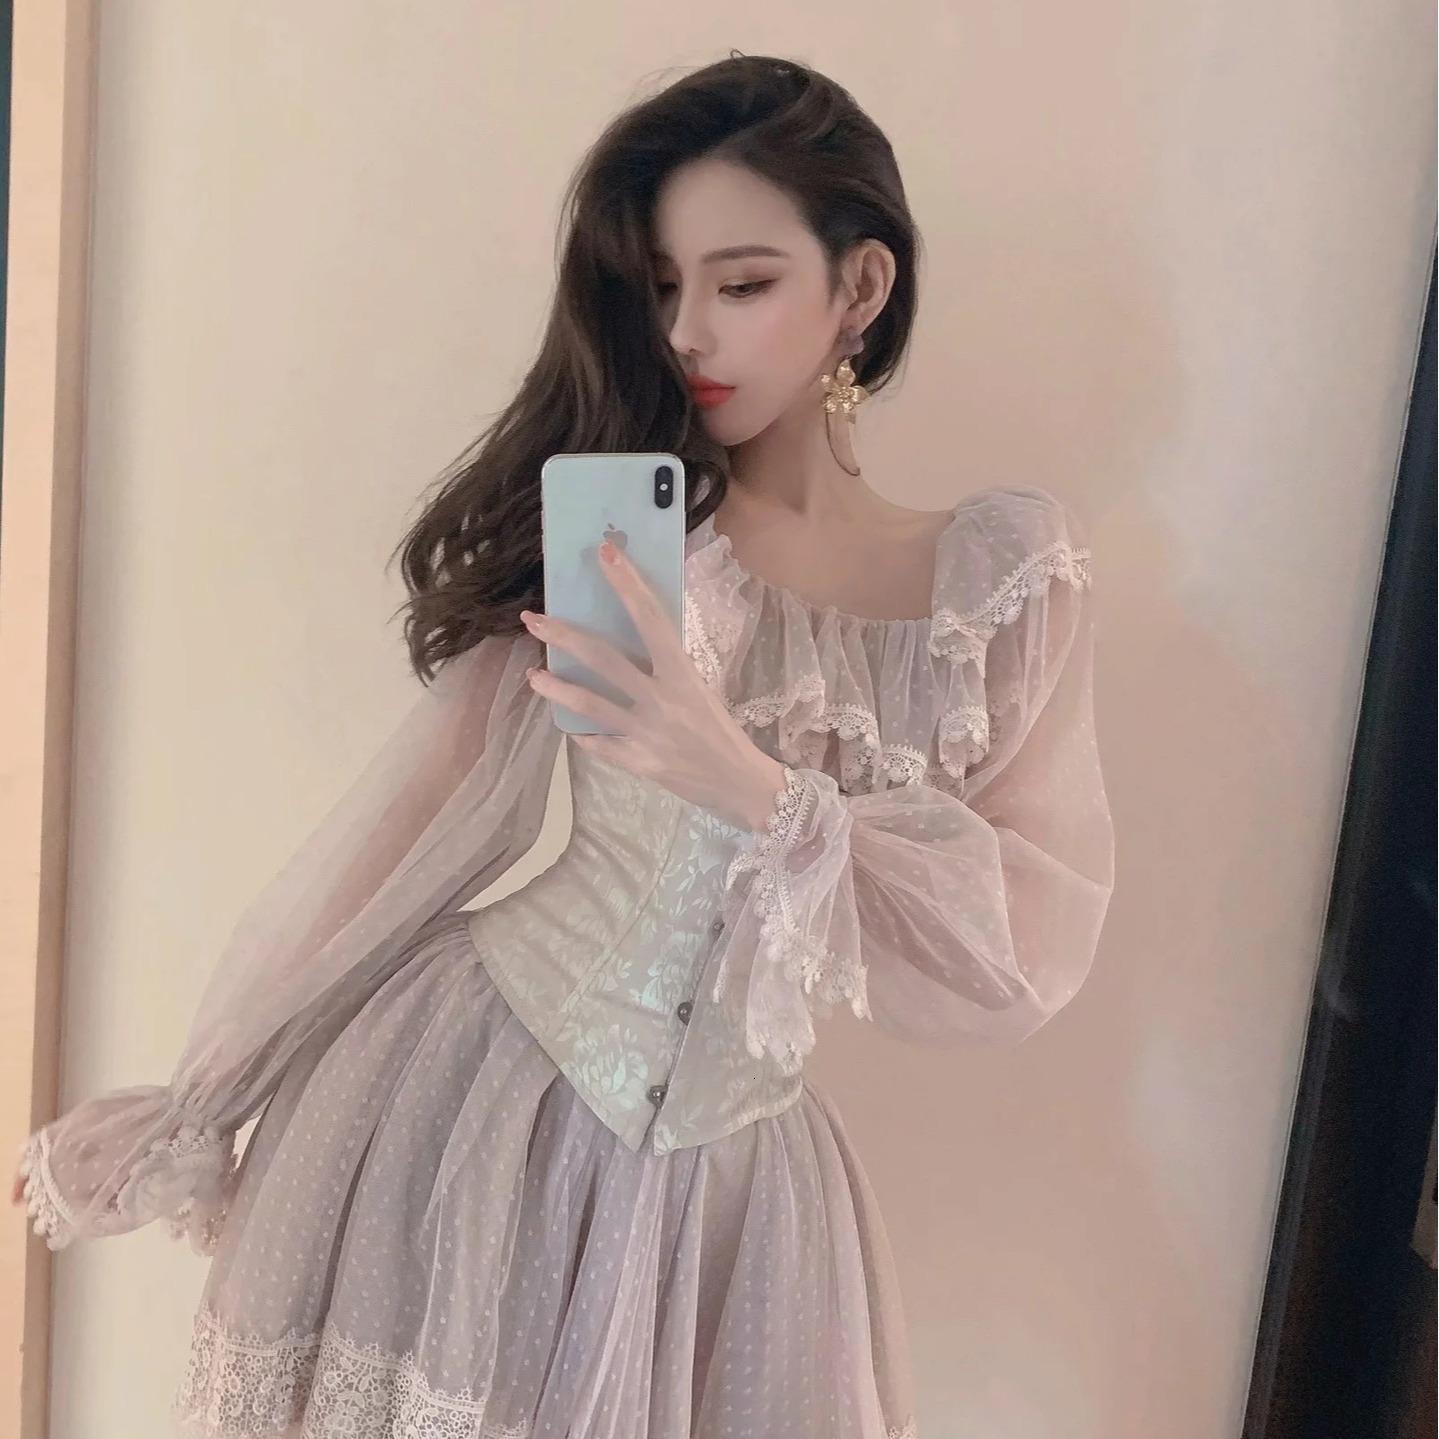 Vestido vestido adorável pedaços lolita roupas para fêmea em doce girly lace adolescente moda